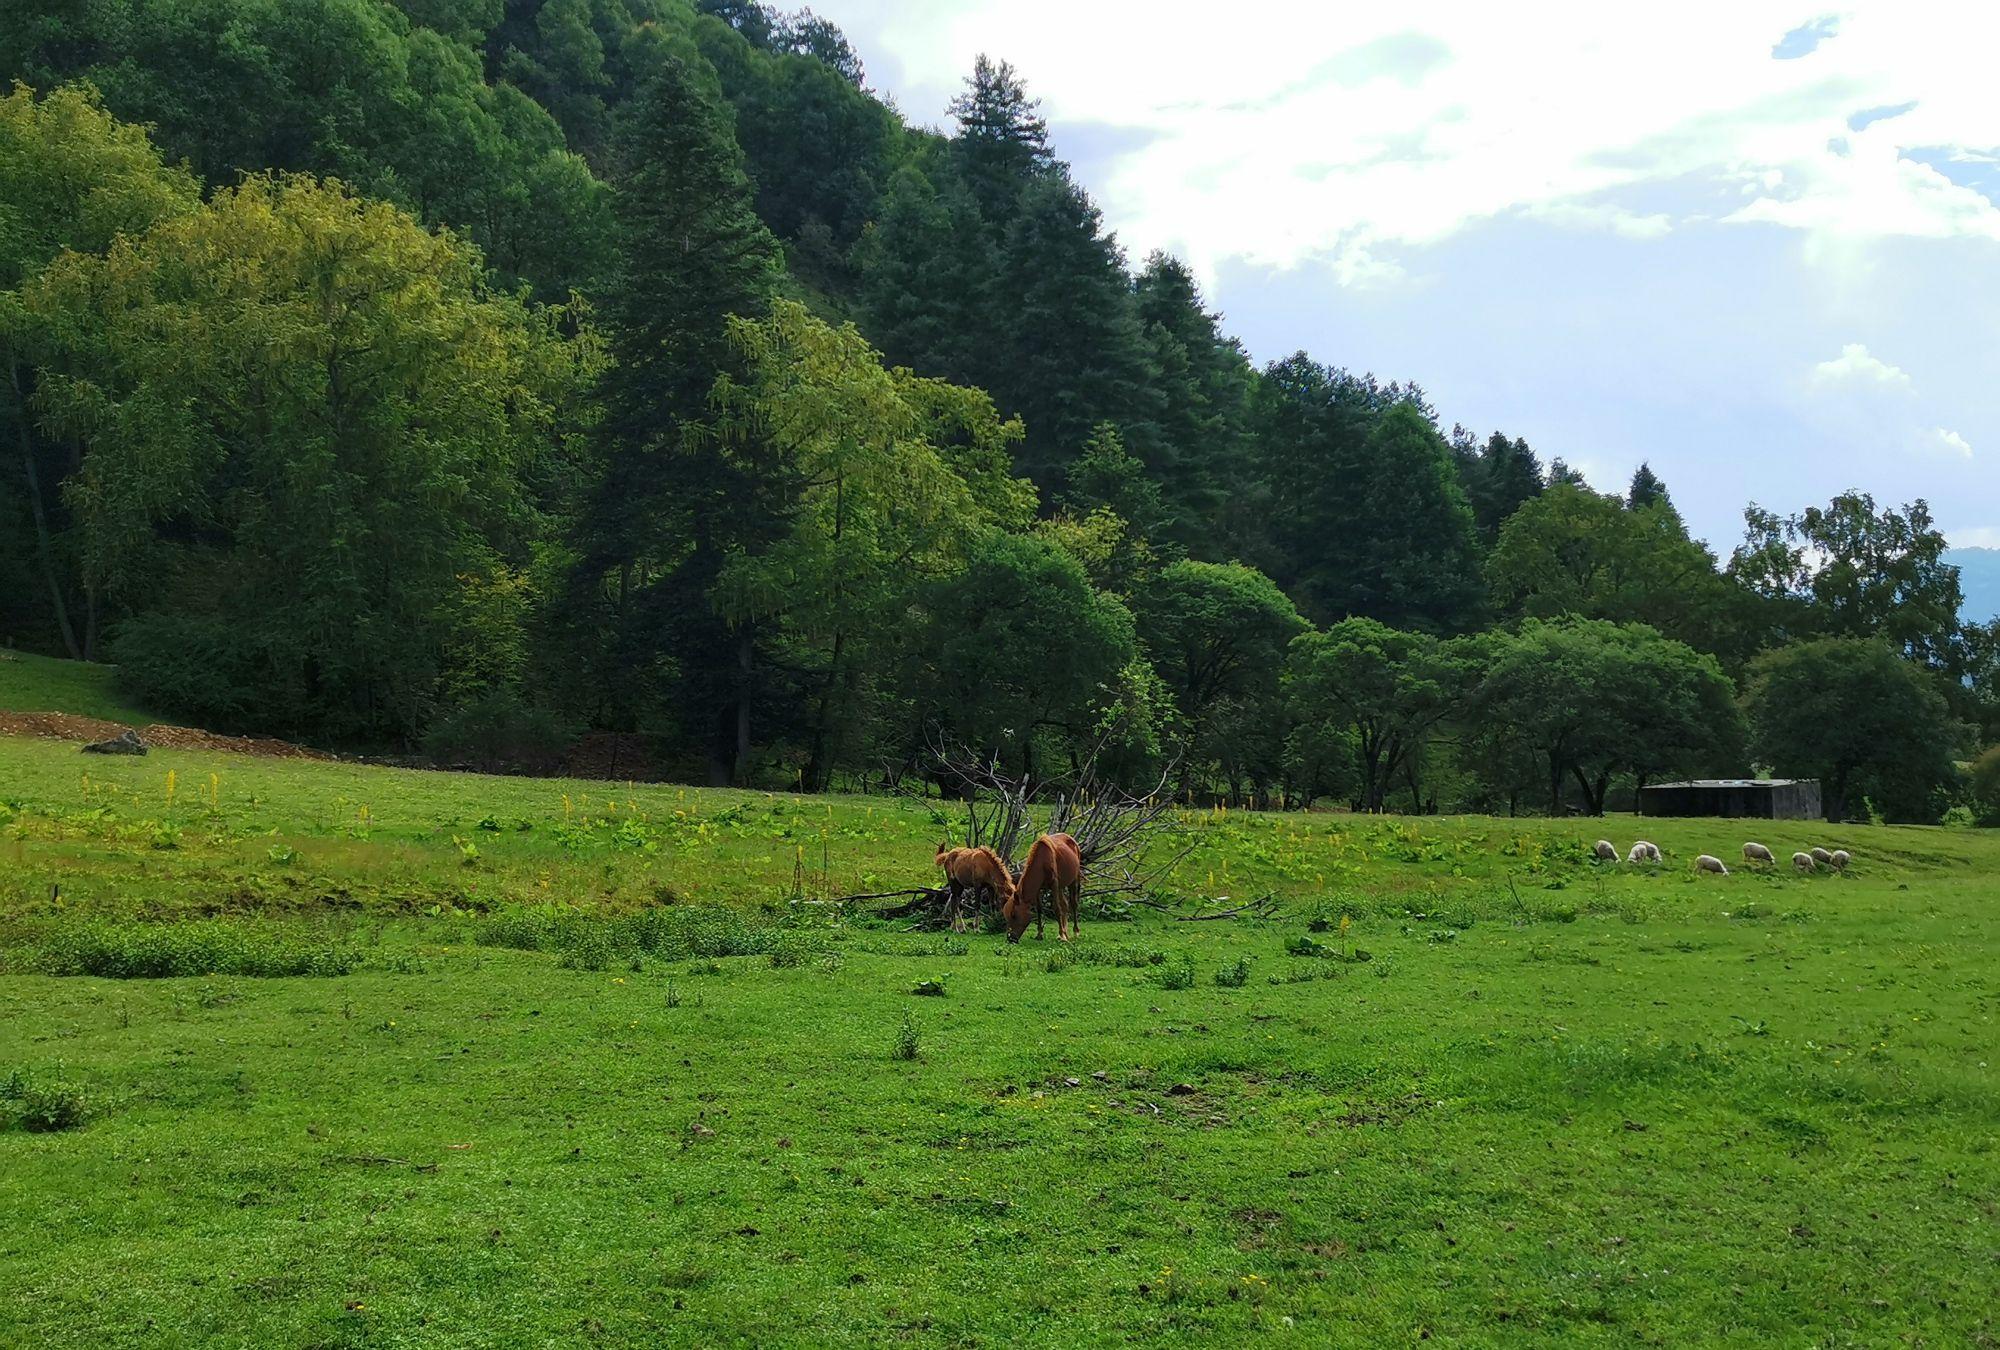 滇西高原牧场的美景,罗古箐风景区被称为东方新西兰,太美了